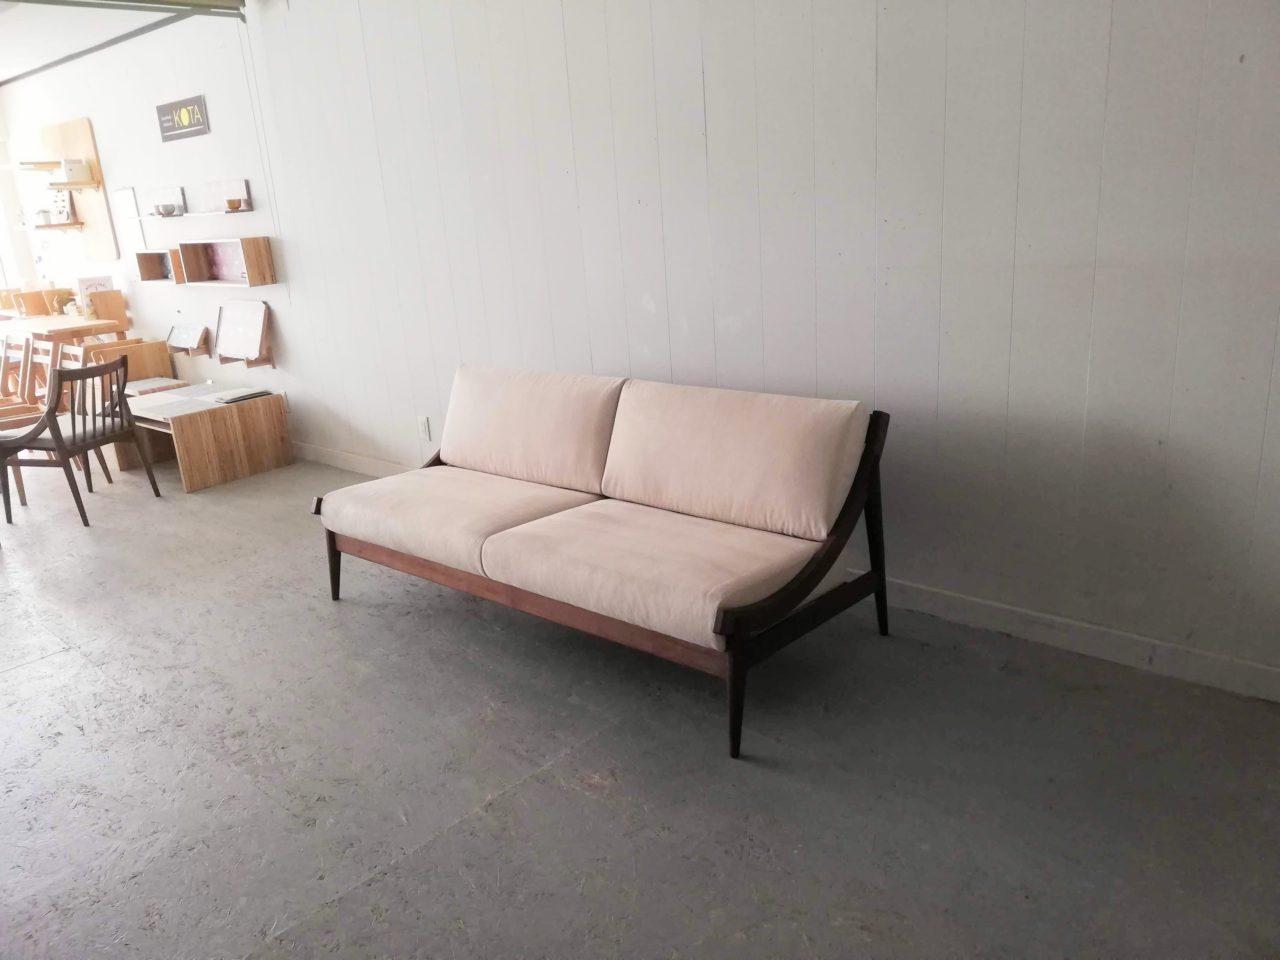 アームレスのソファーです。 両サイドの特徴のあるRの木部は、上がると肘付きに、下がると肘無しと呼べるタイプとなります。